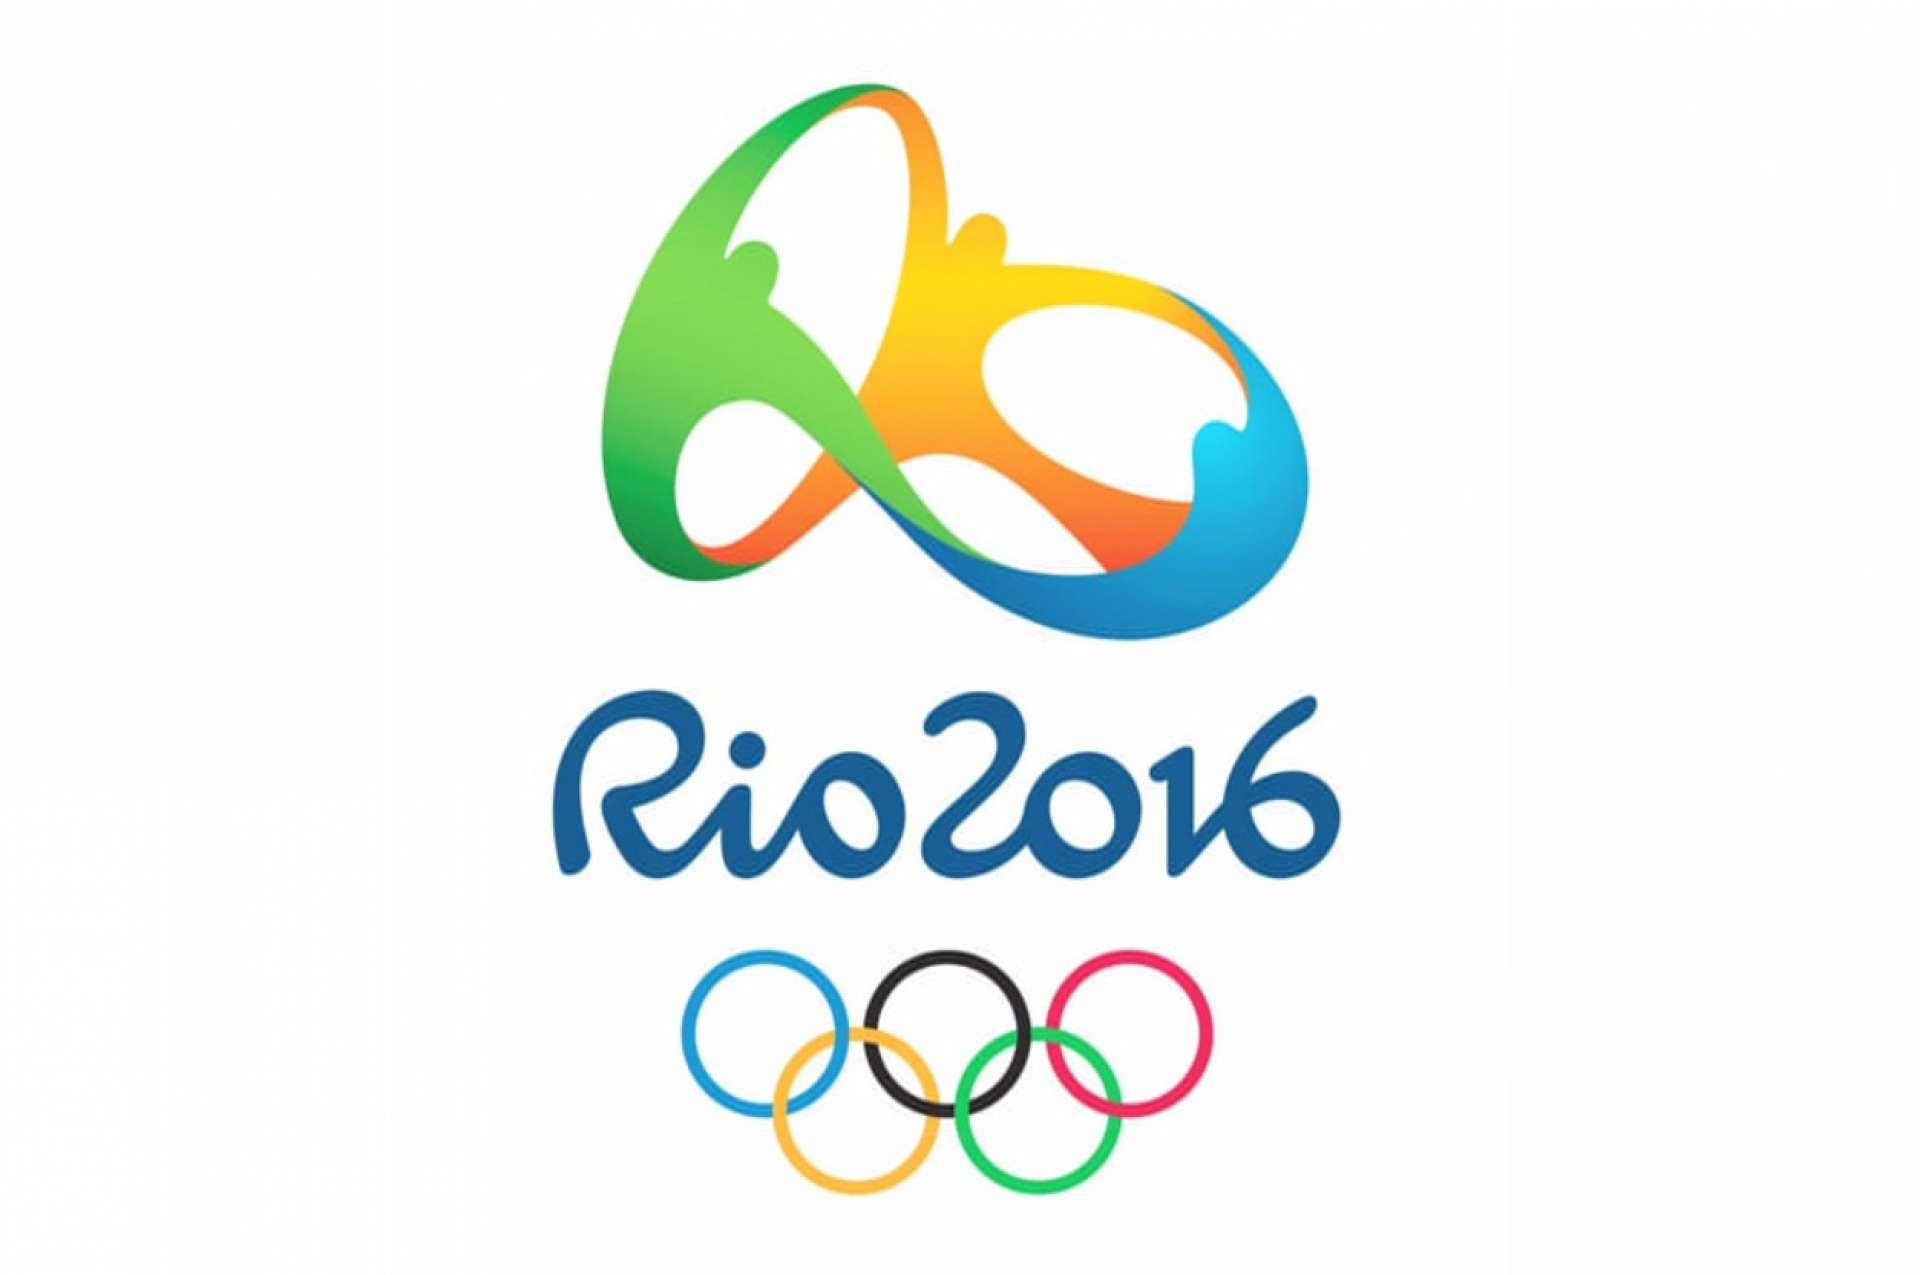 O último grande lote de ingressos para os Jogos Olímpicos Rio 2016 já está  disponível. No novo lote 64a7d8052cb36